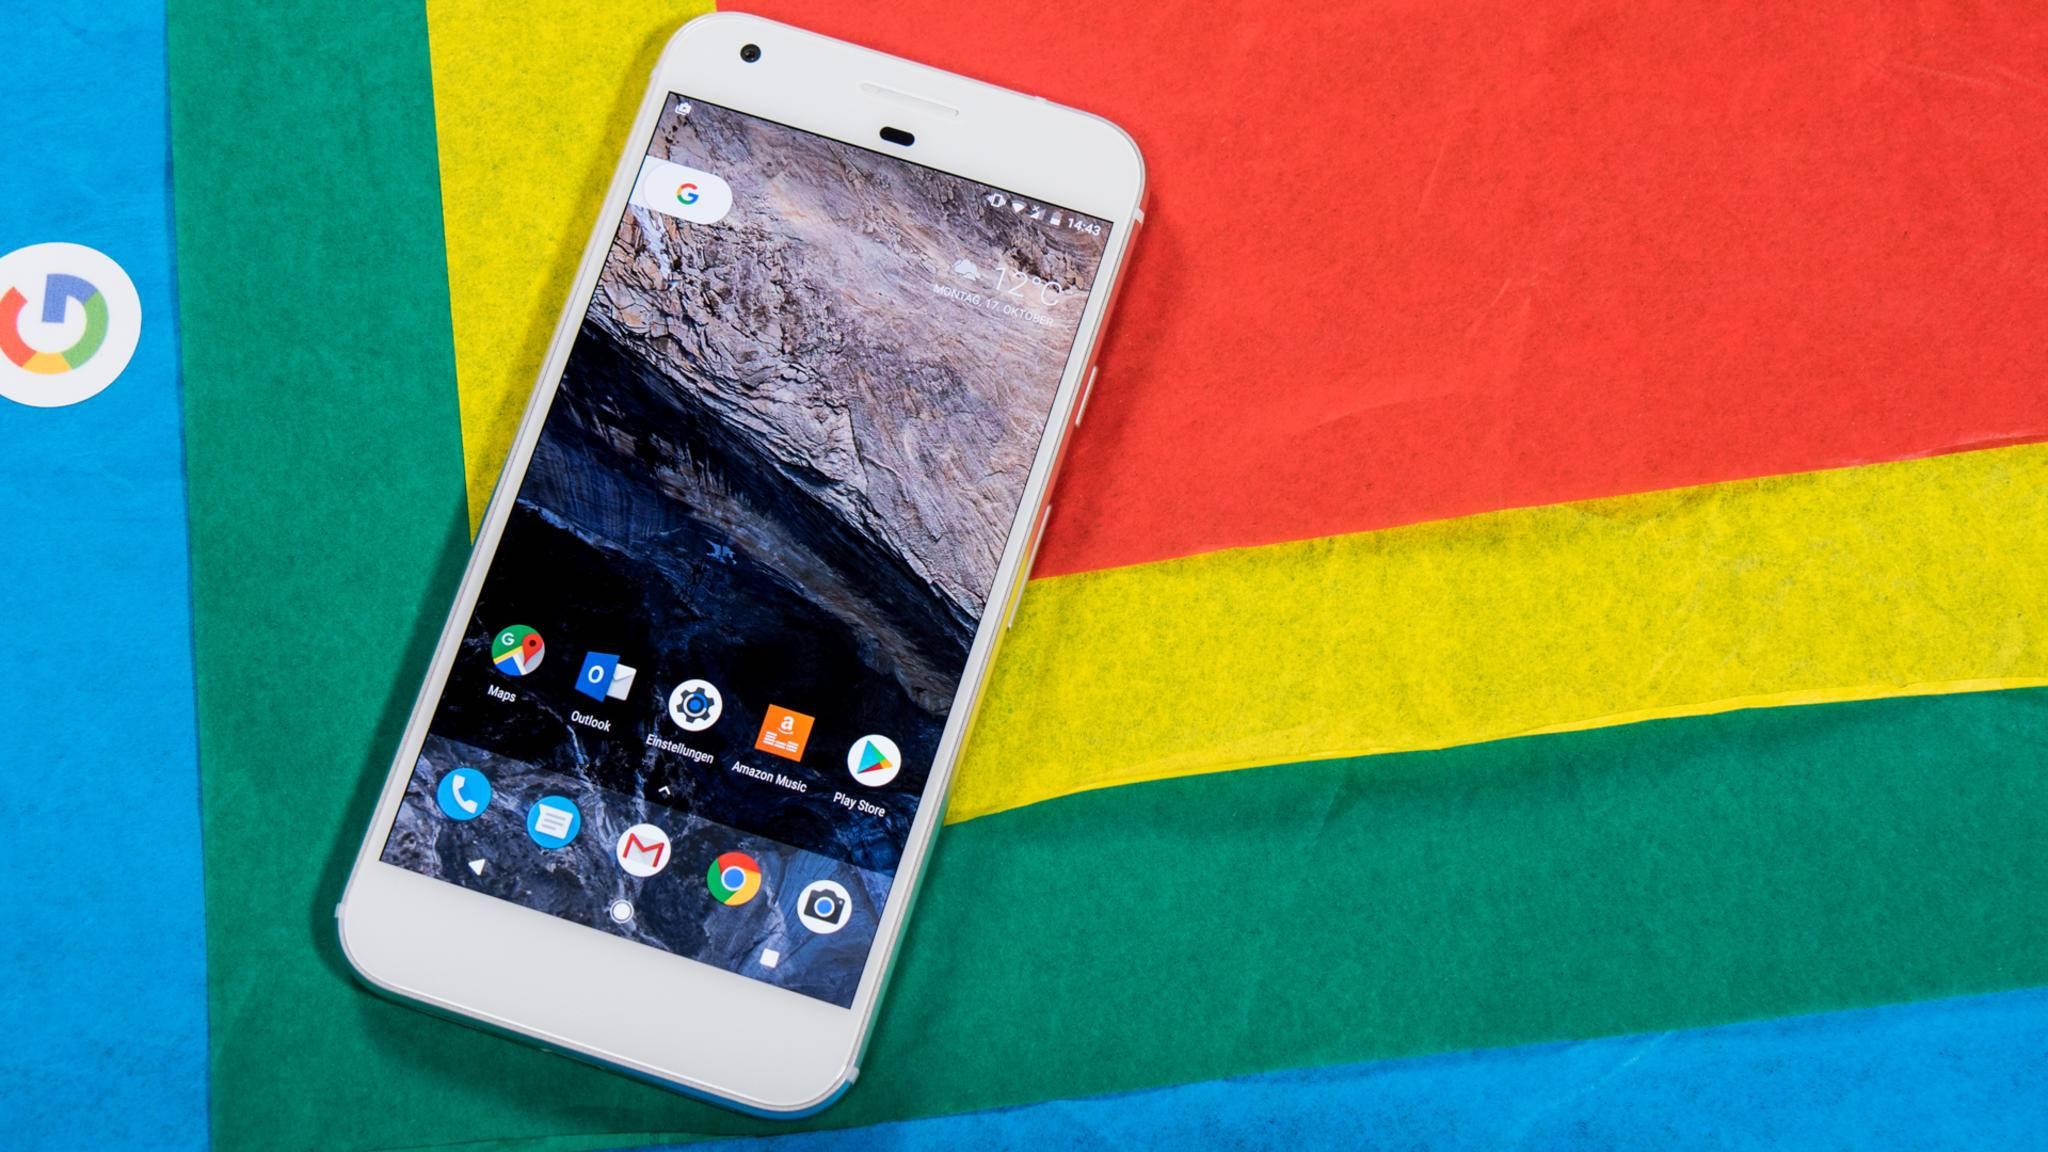 Das Pixel XL war das erste Smartphone mit Daydream-Support.